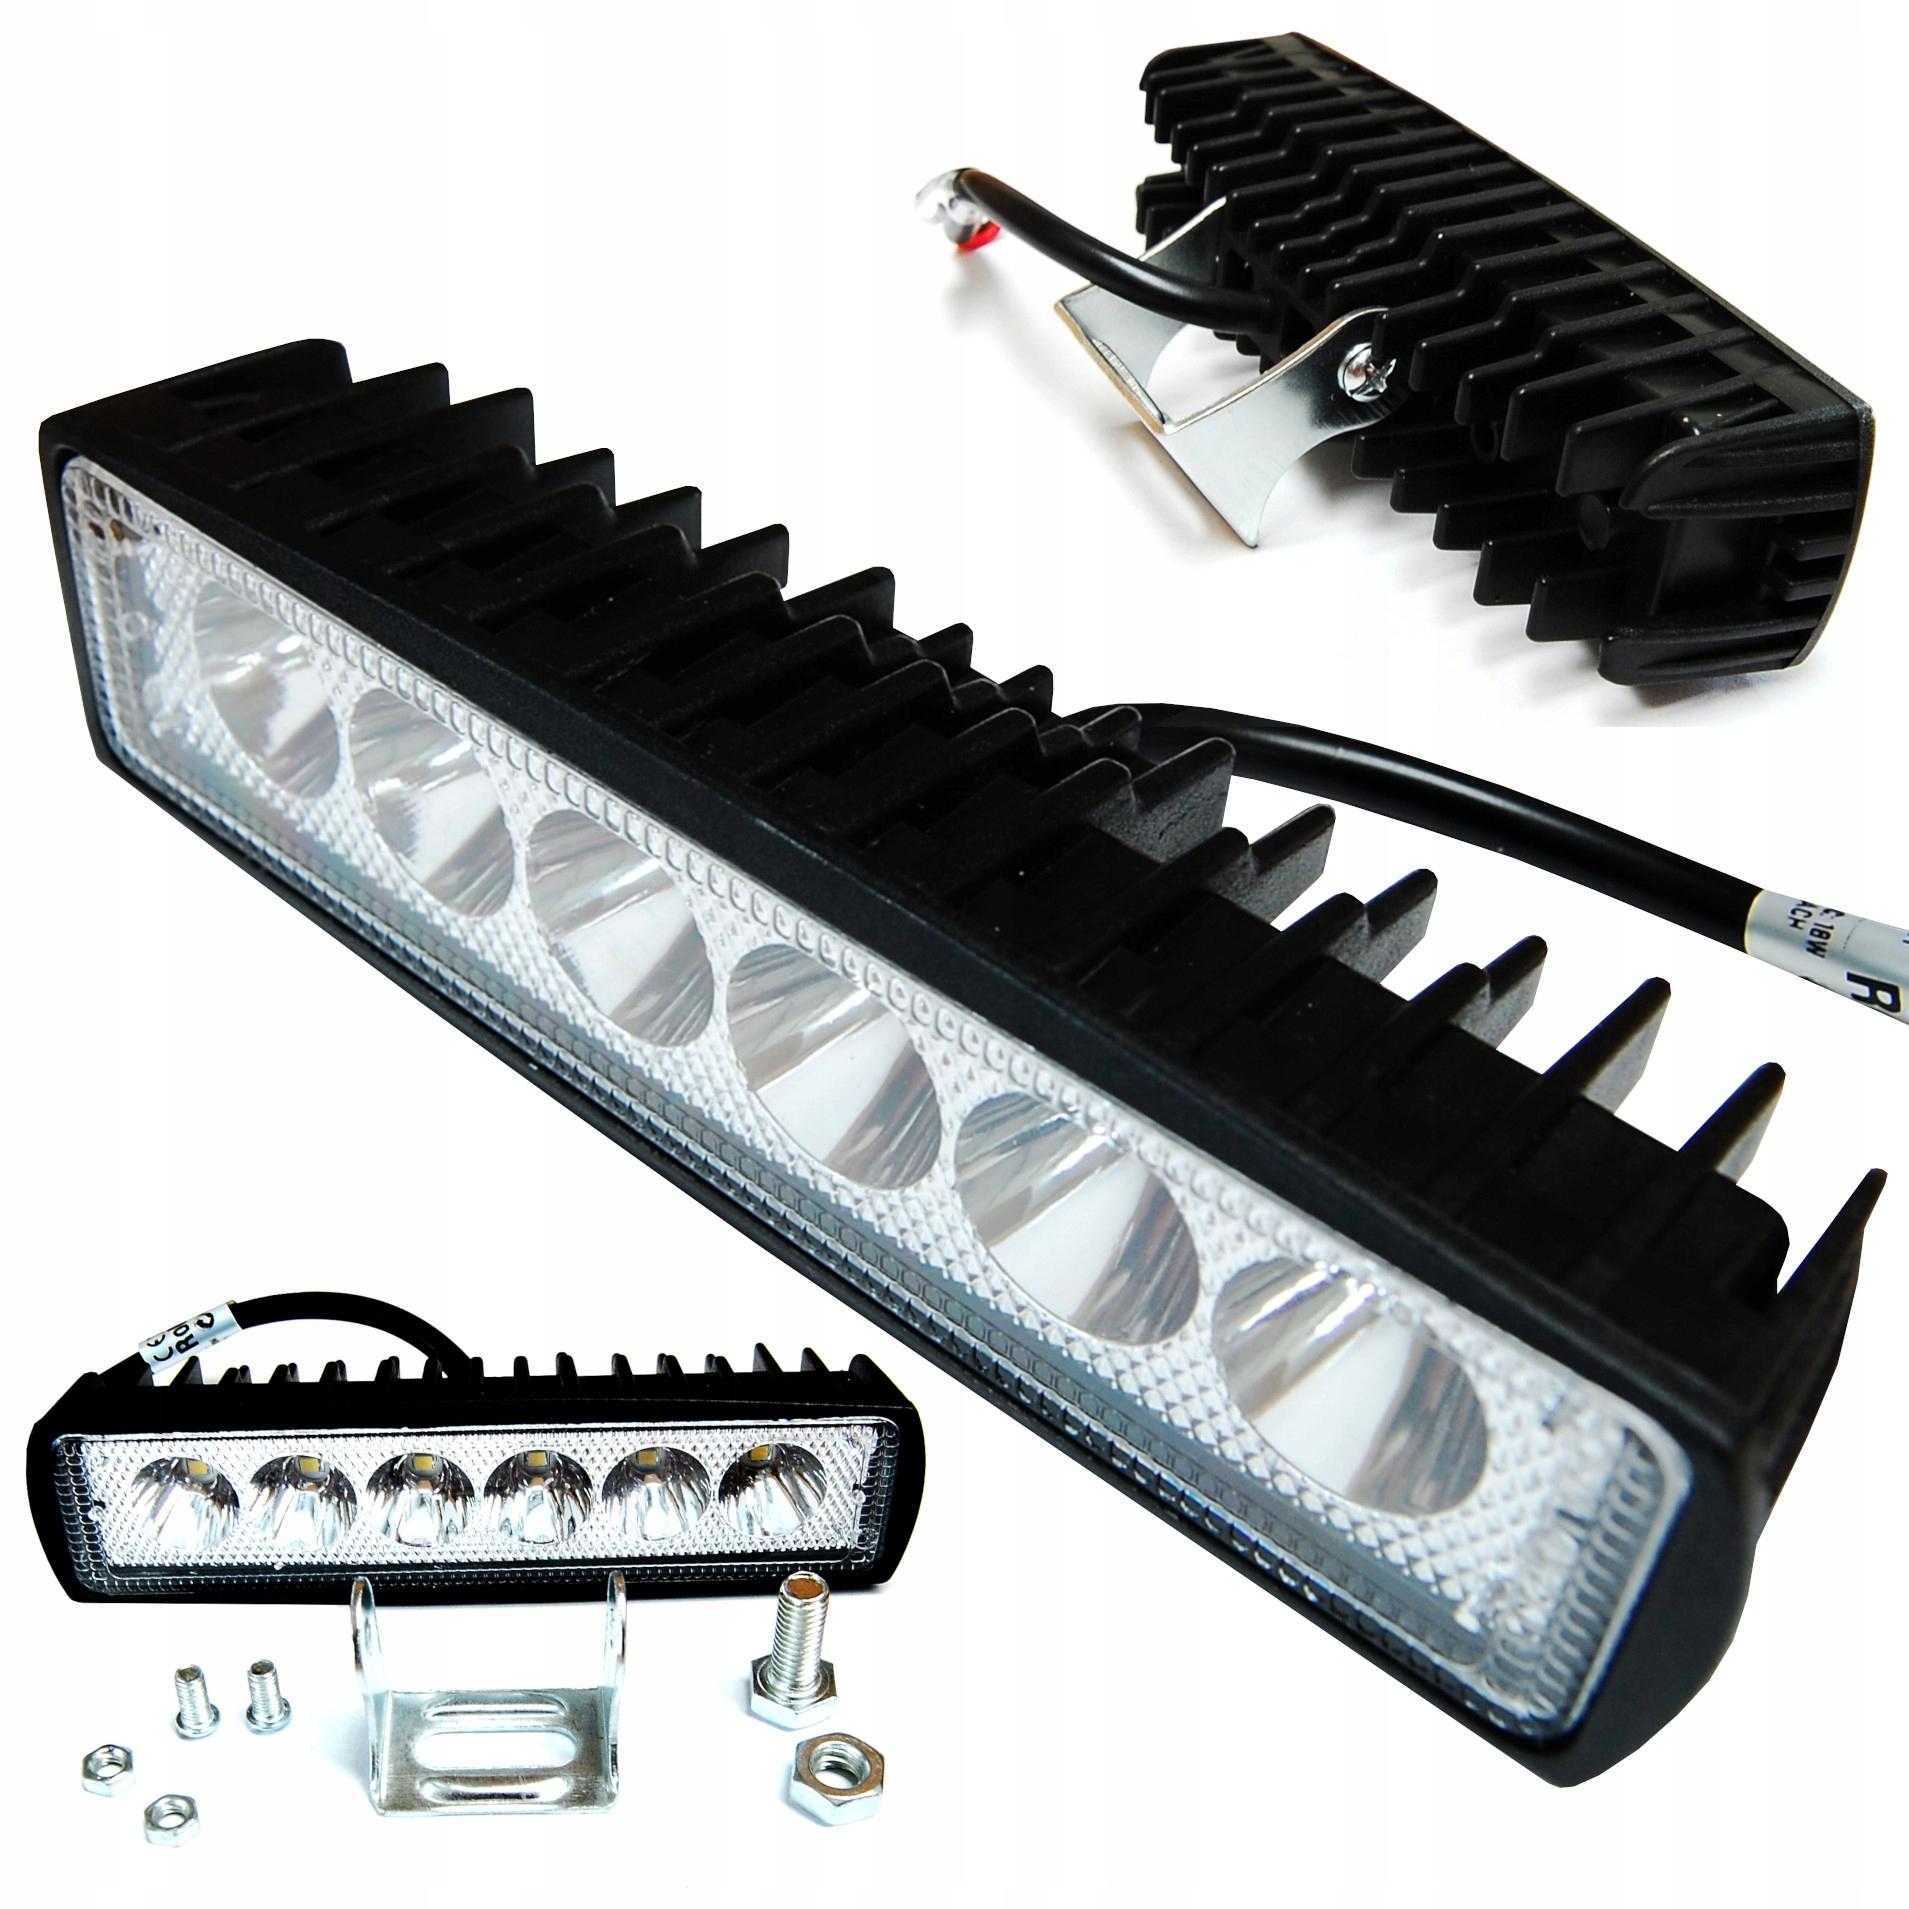 Item Led work LAMP 6 LED 18W halogen 12-24V SPOTLIGHT